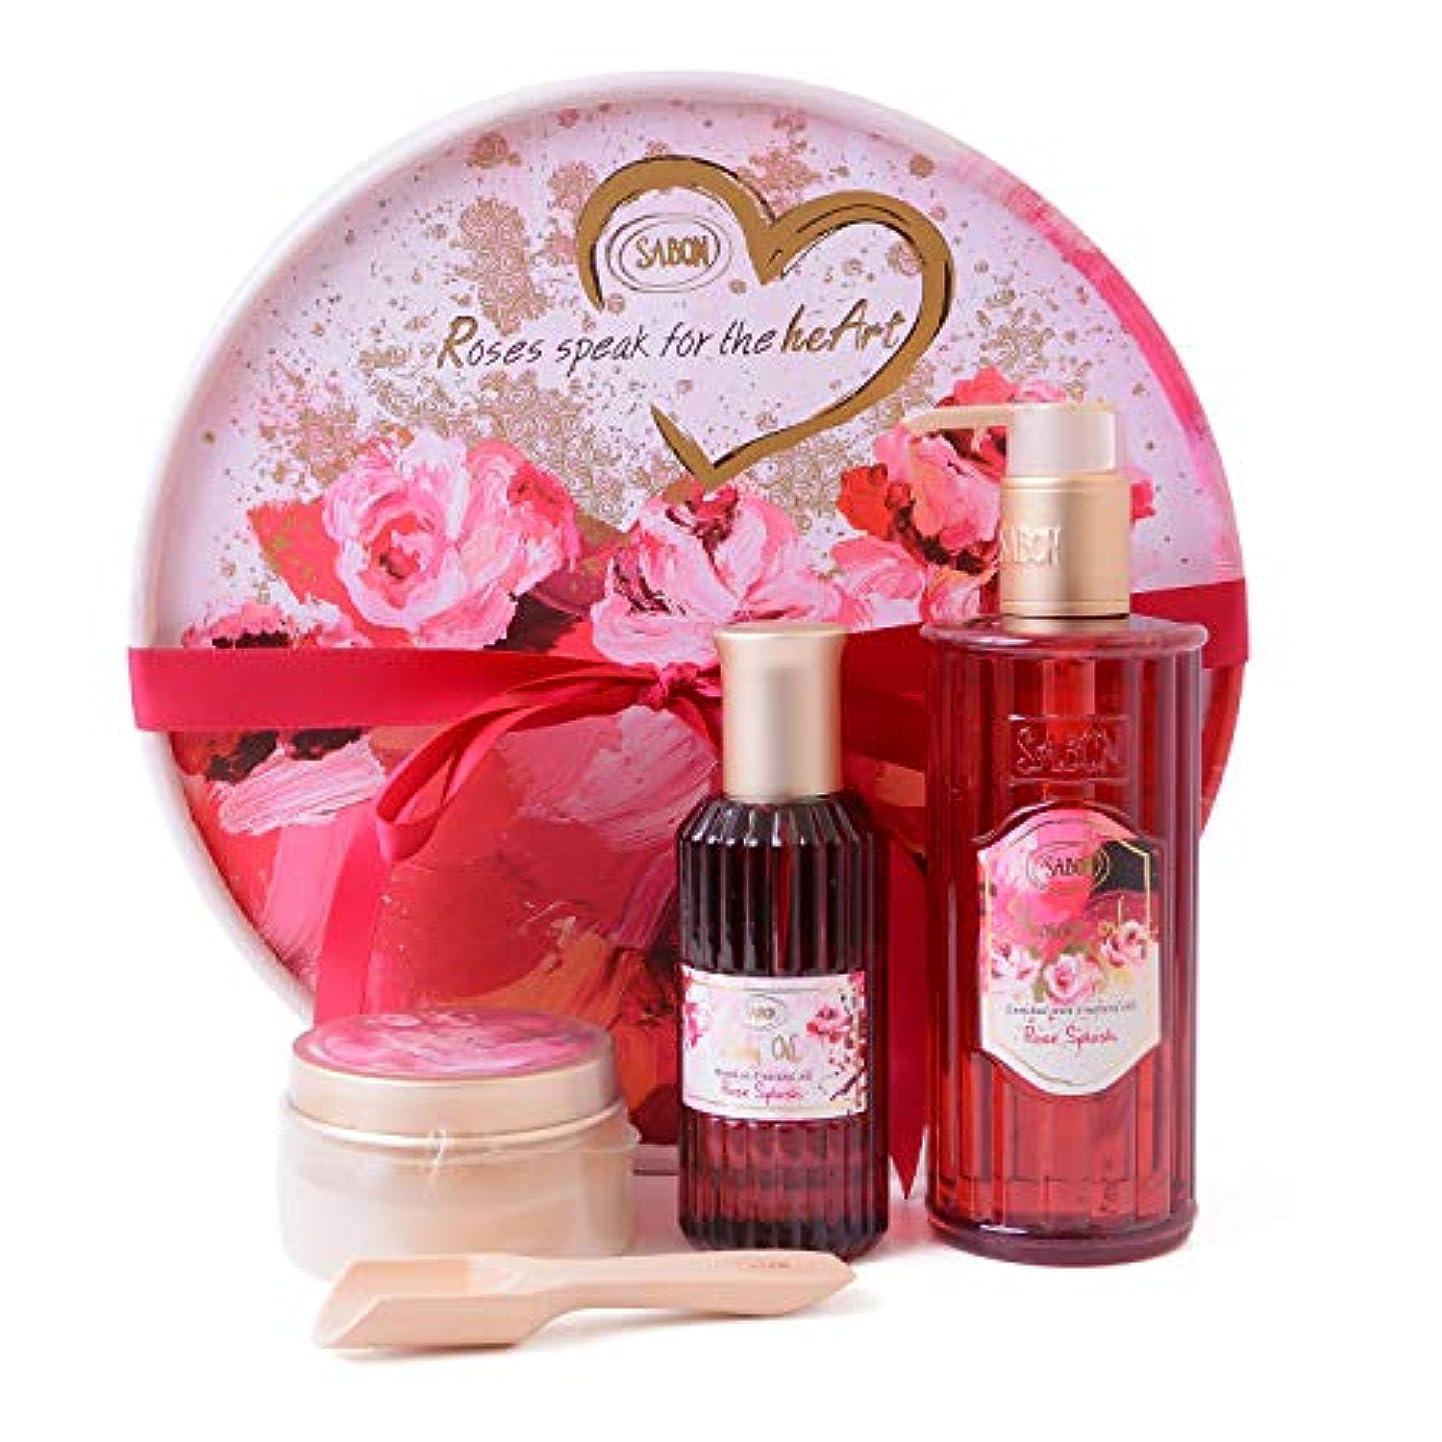 留まる外出コンベンション[サボン] SABON ギフトセット Roses speak for the heart シャワーオイル ボディスクラブ ボディオイル ショップバッグ付 (限定セット)